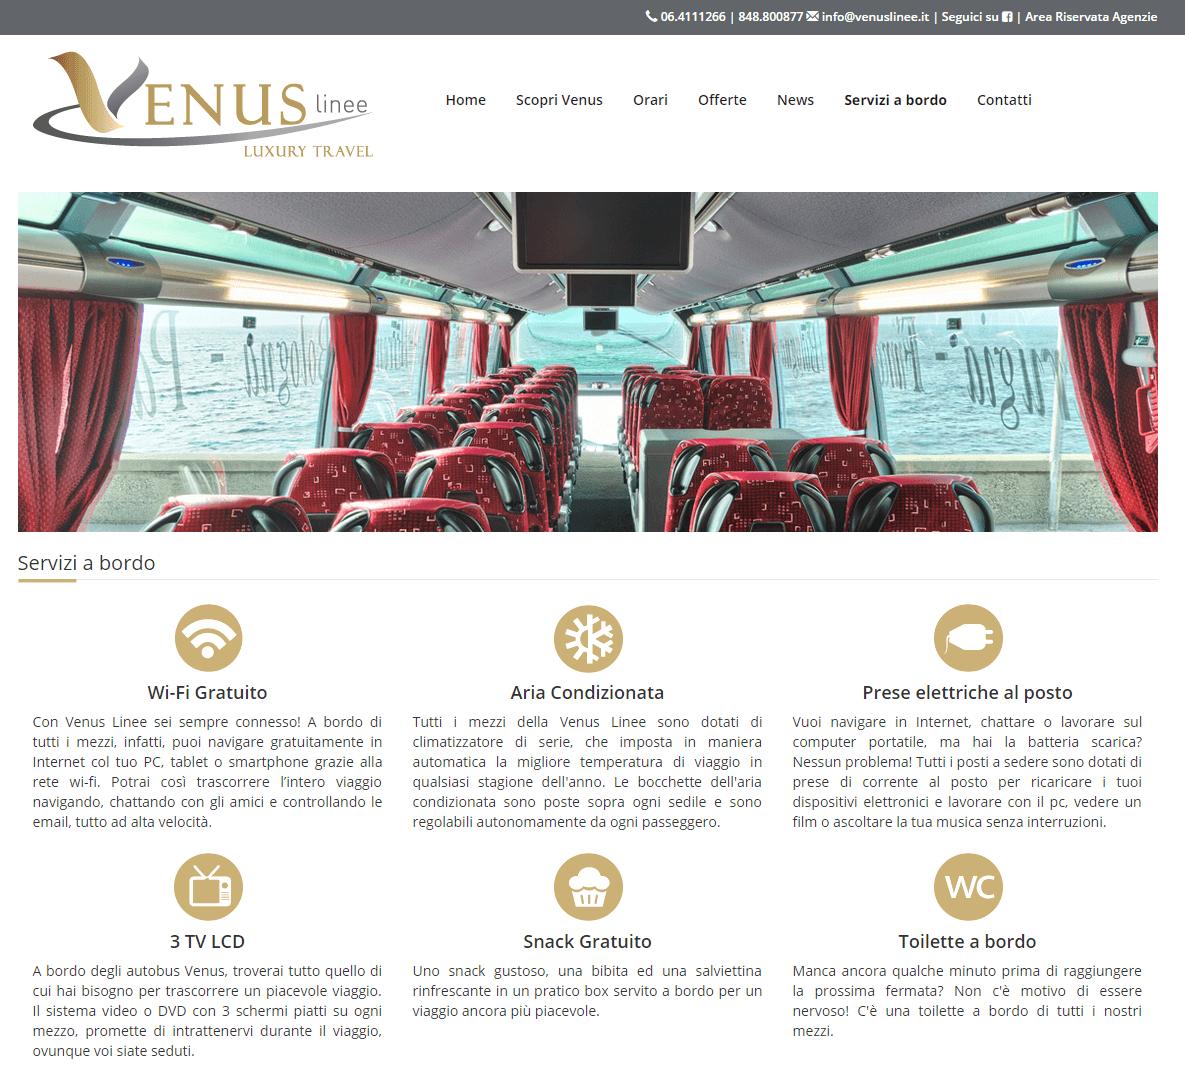 Venus Linee - Pagina Servizi a bordo